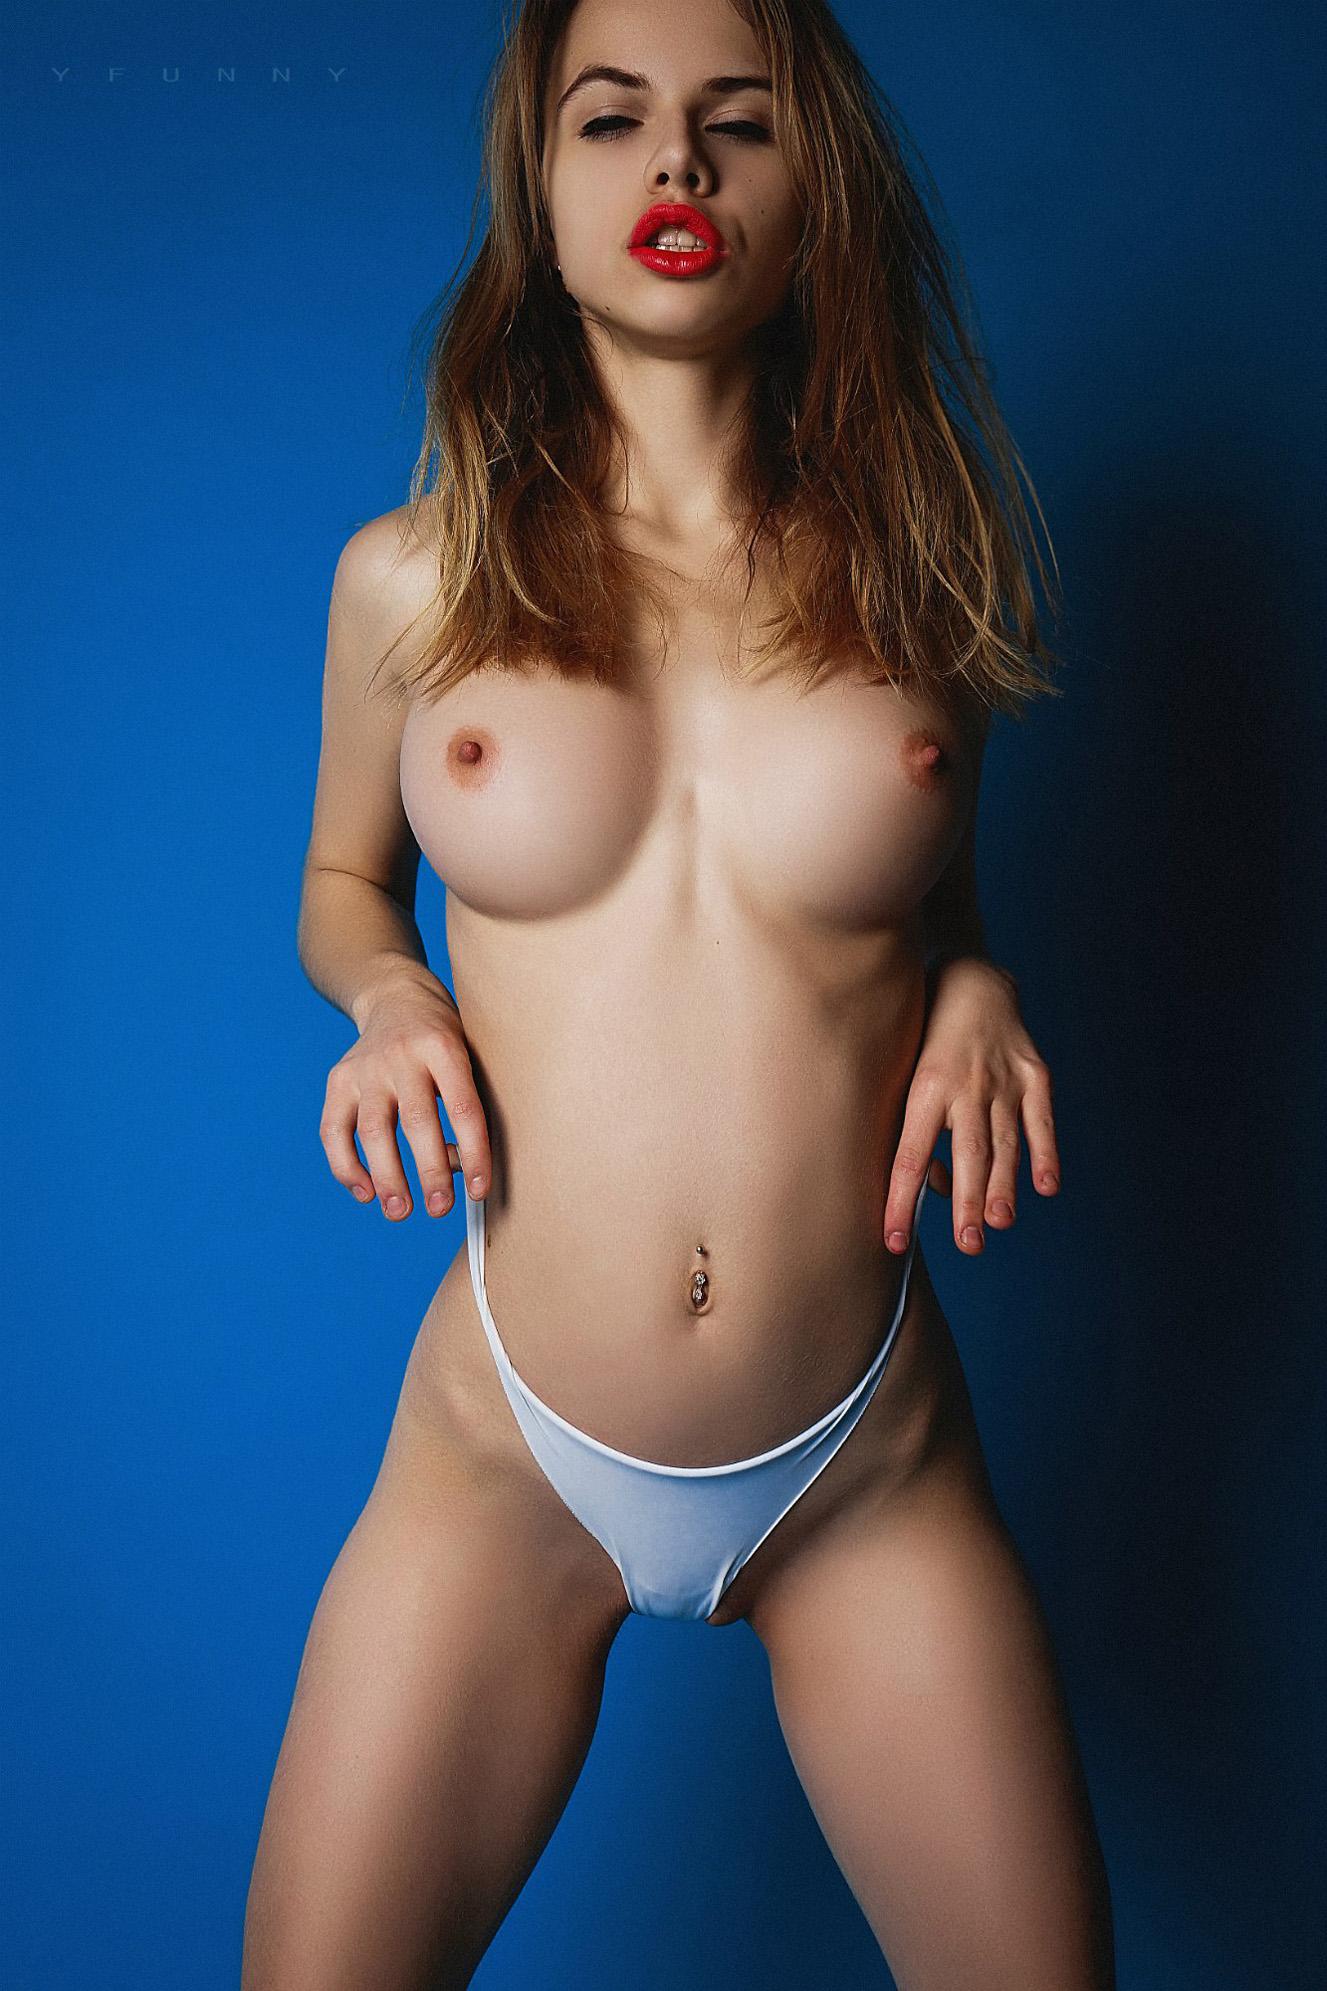 Alexandra Smelova nude by Nikolay Khvatov